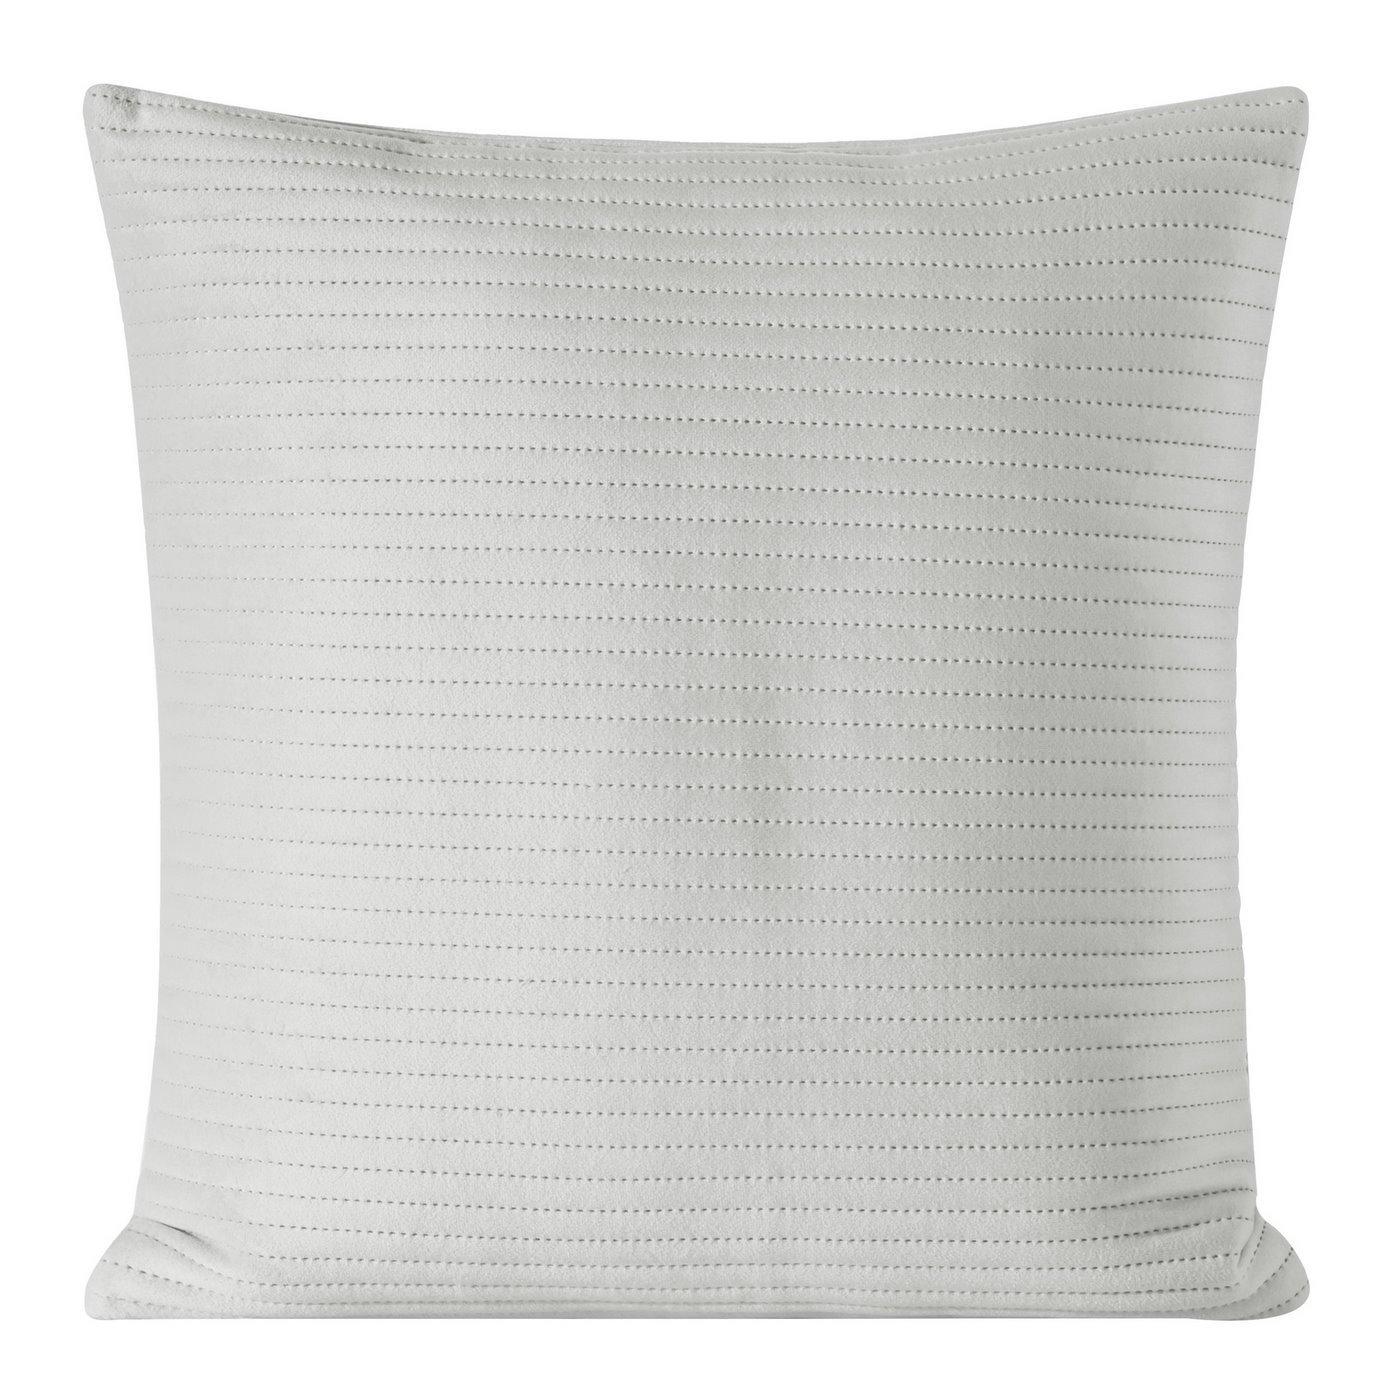 Poszewka dekoracyjna na poduszkę 45 x 45 kolor srebrny